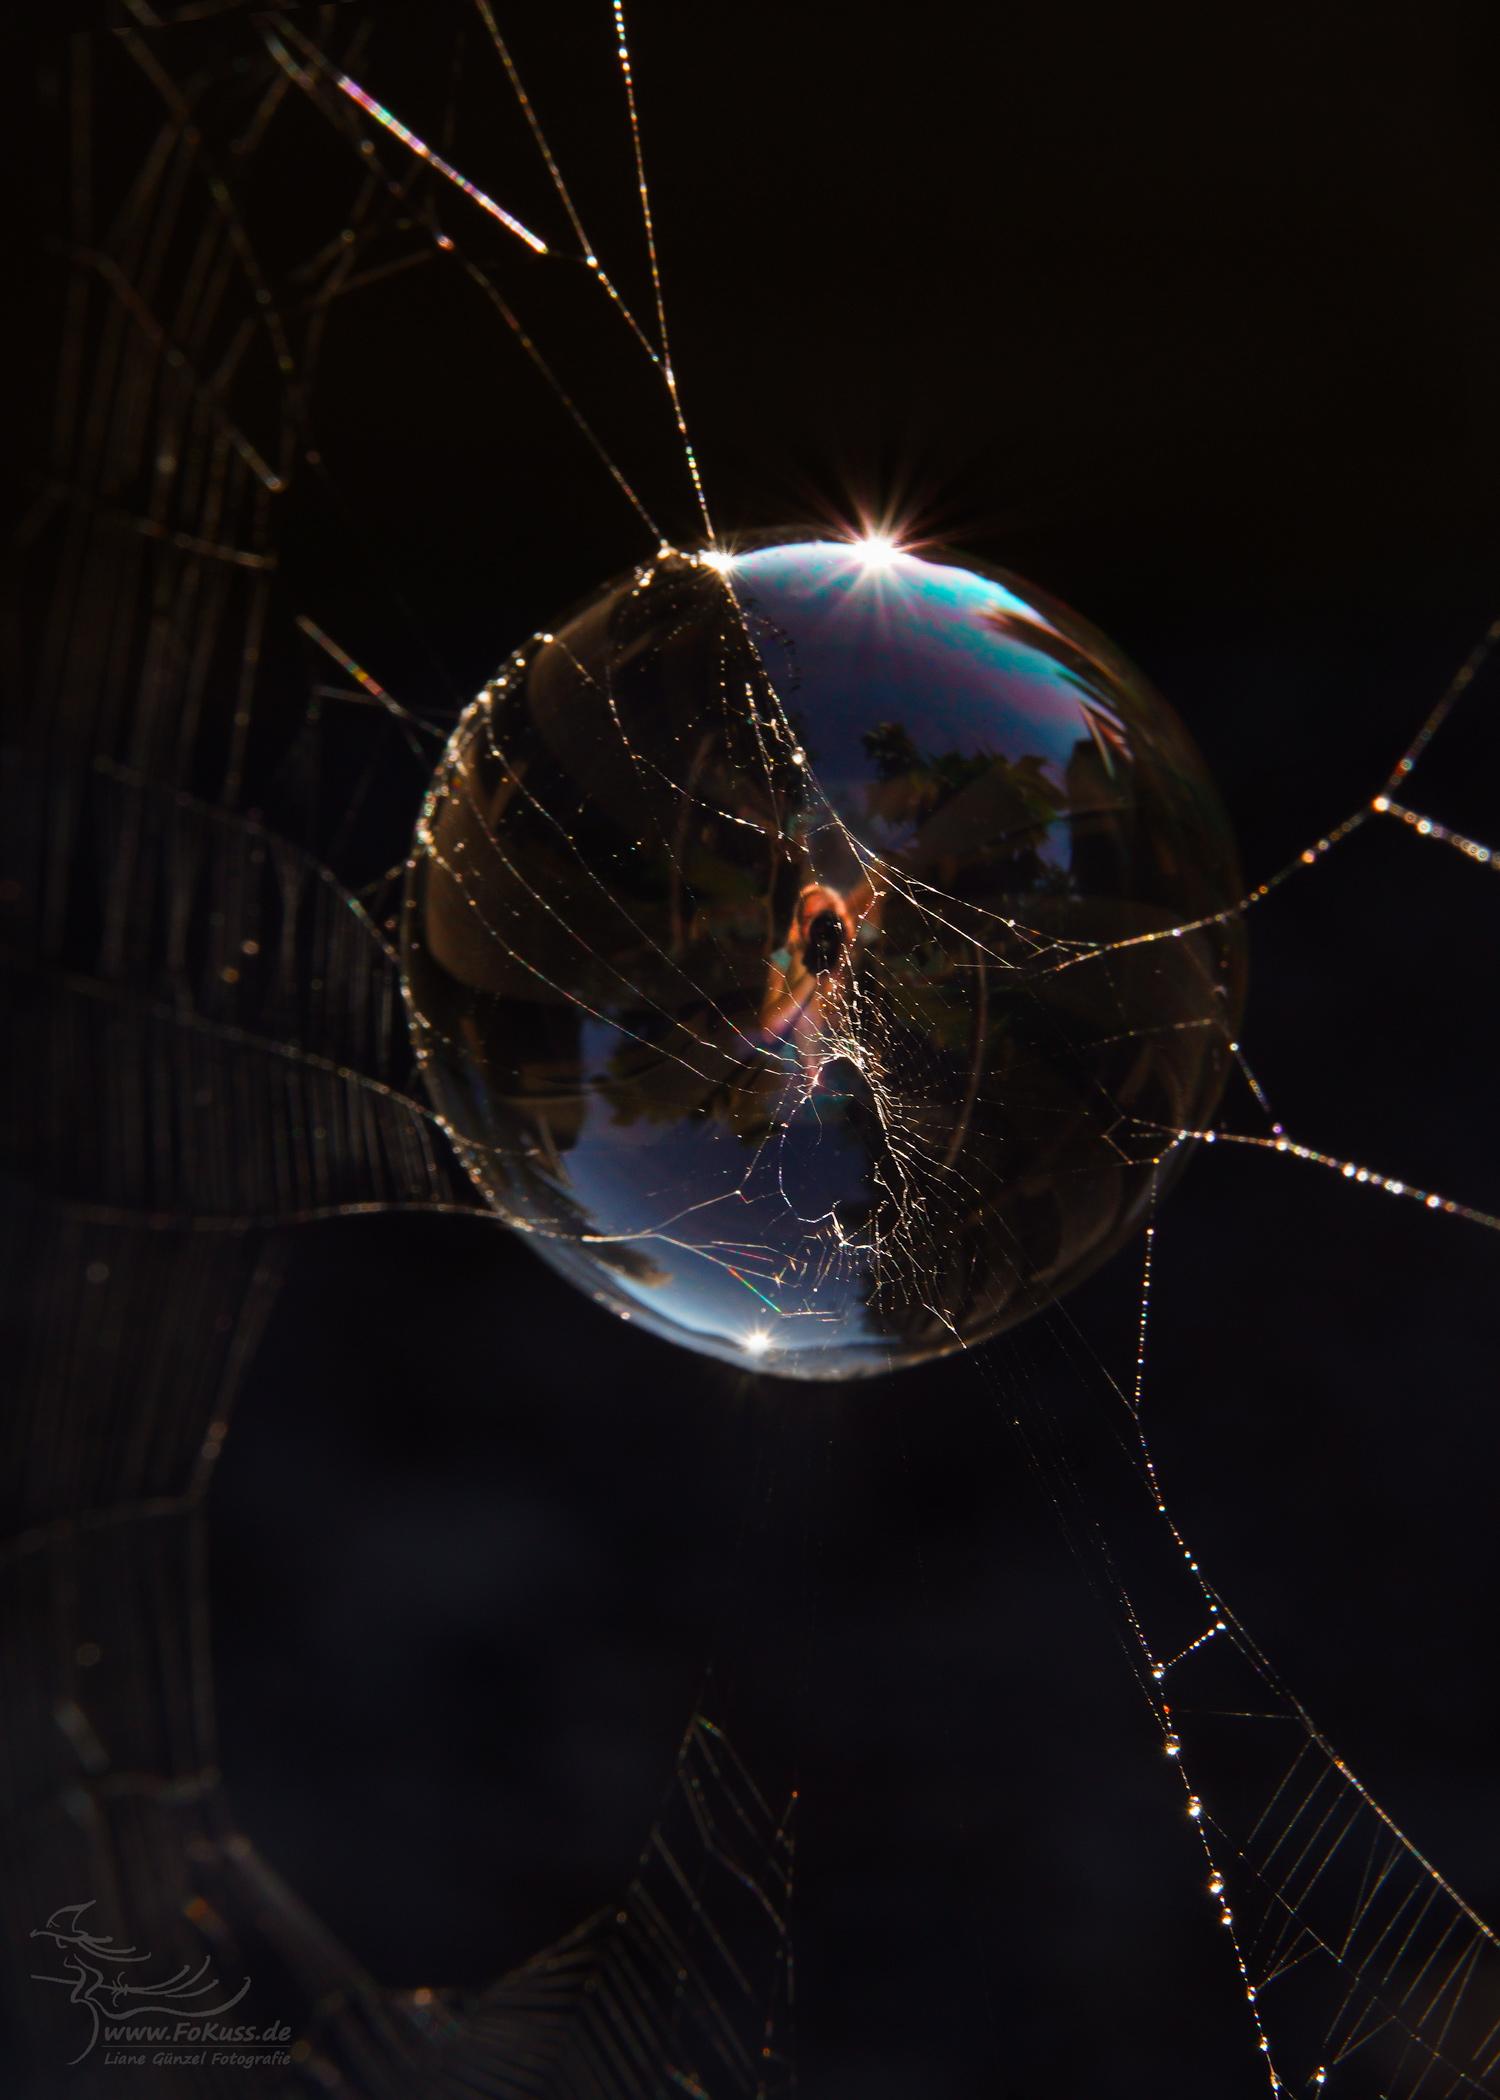 Selfi  Seifenblase im HERZlichen Spinnennetz